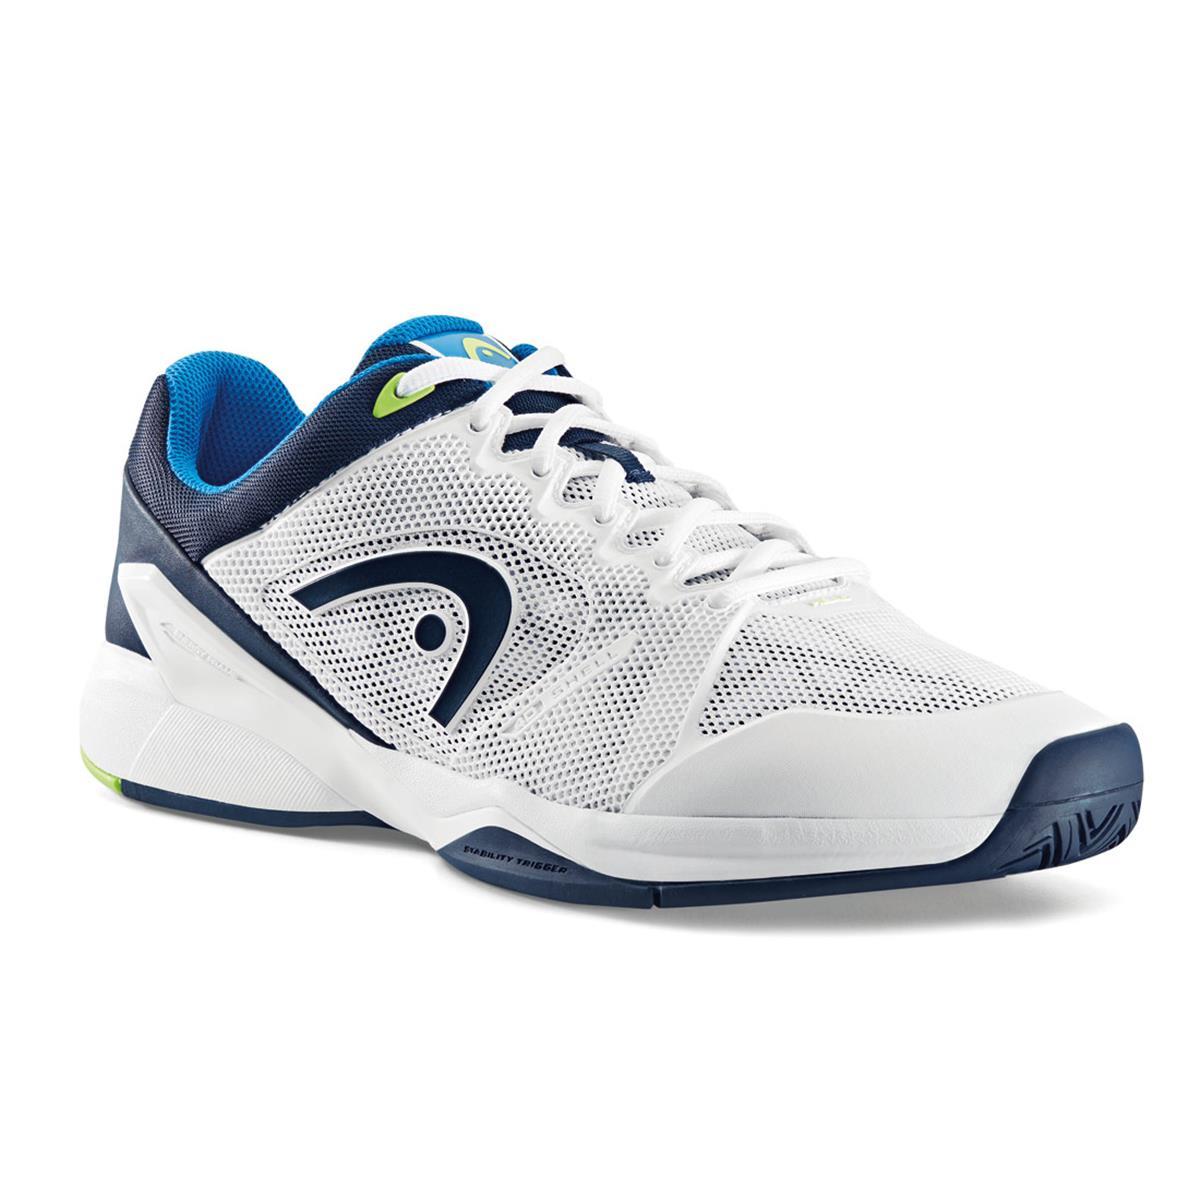 revolt pro 2 0 mens tennis shoes by directsportseshop